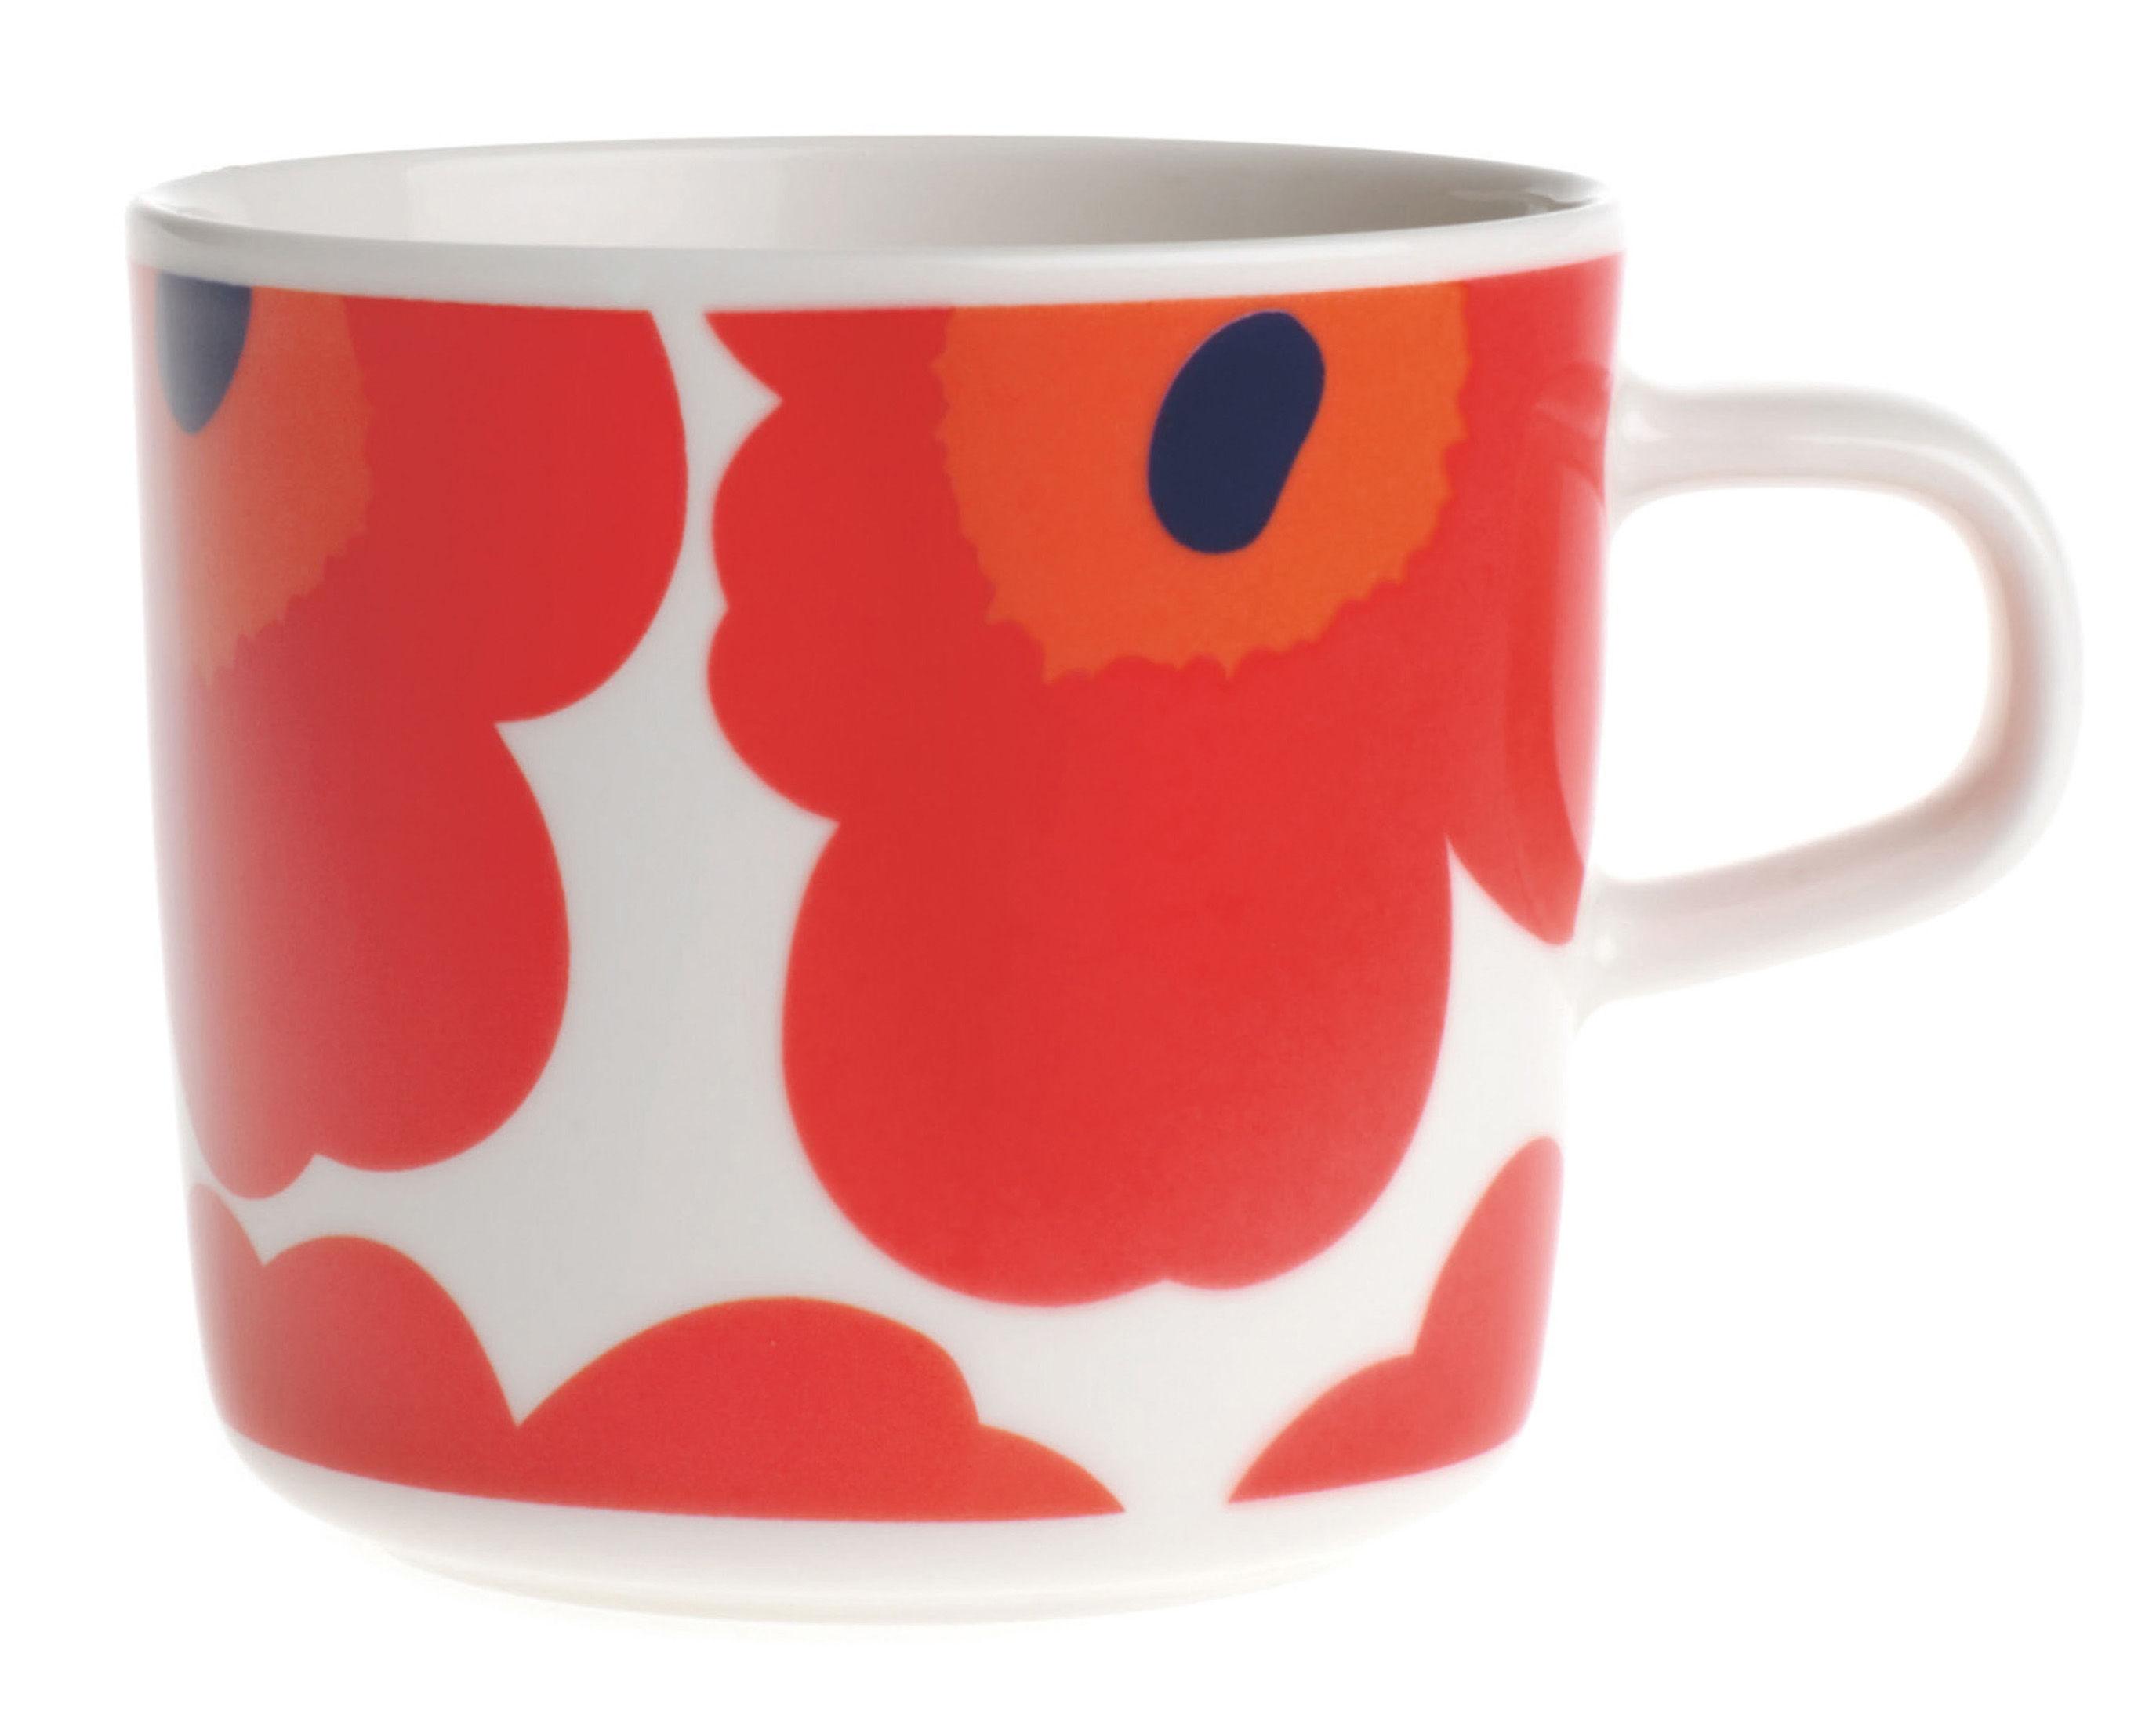 Arts de la table - Tasses et mugs - Tasse à café Unikko - Marimekko - Unikko / Rouge - Porcelaine émaillée